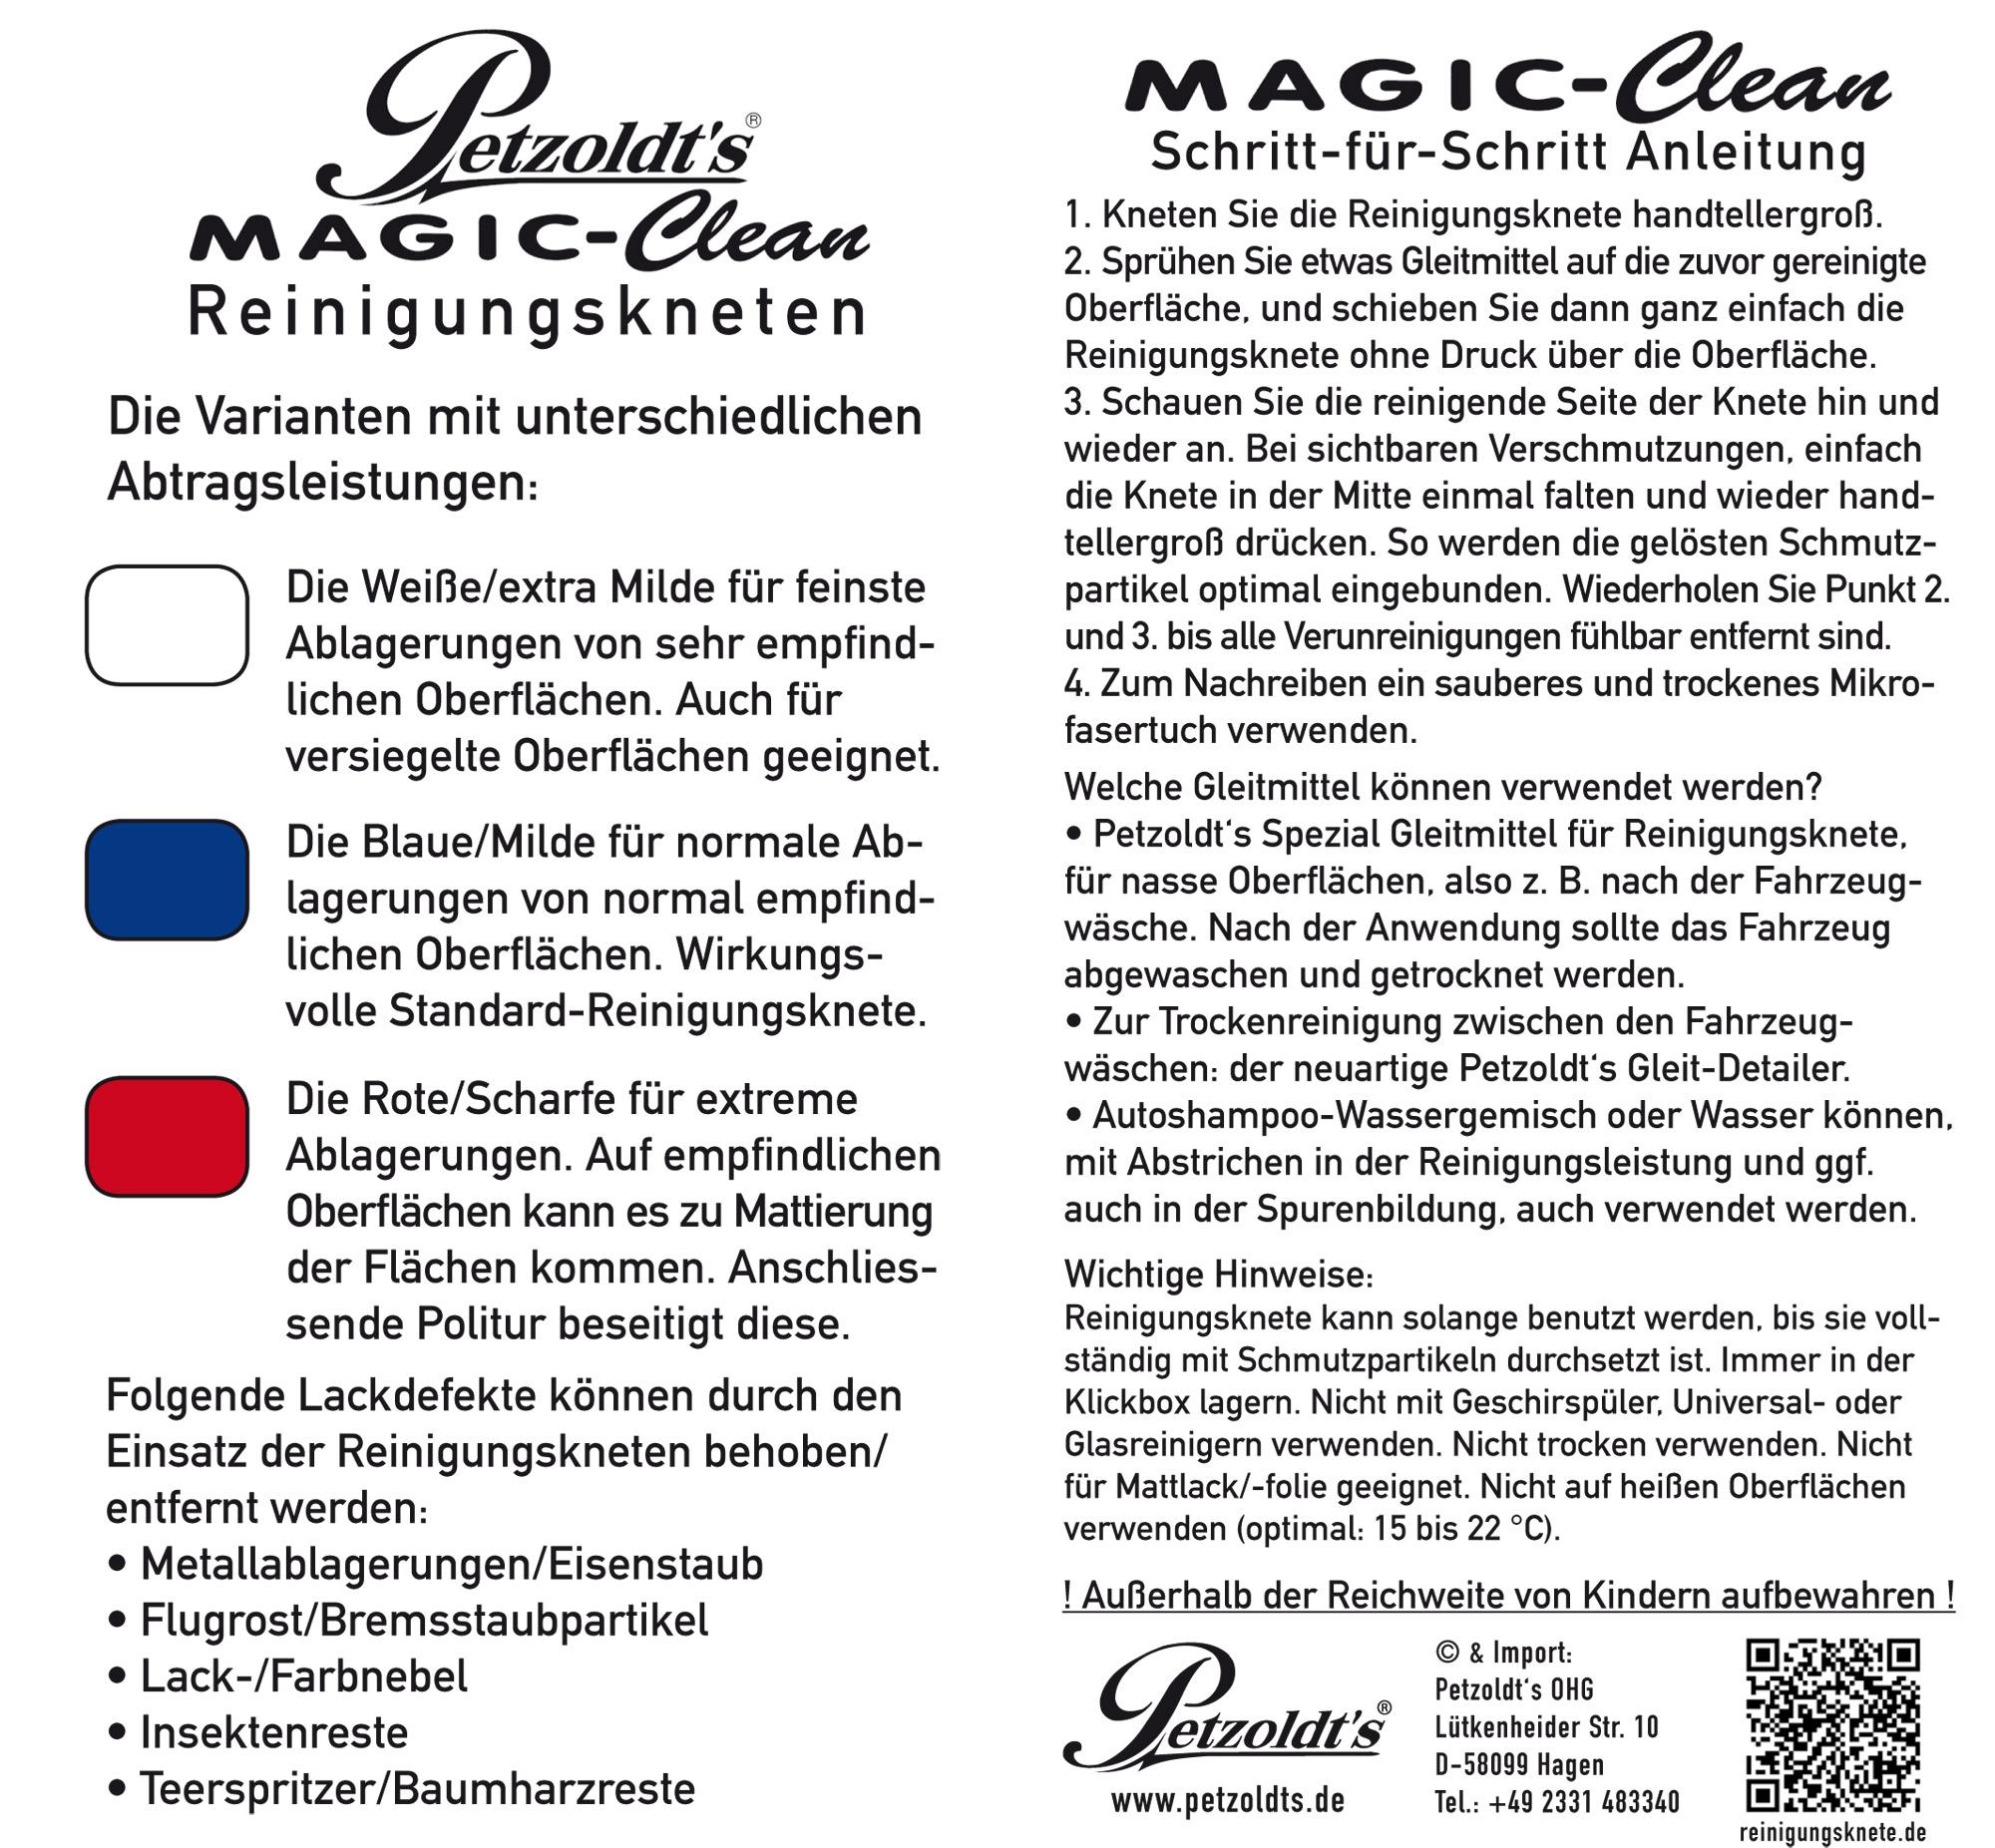 Petzoldts Reinigungsknete MAGIC-Clean, Lackreinigung, Blau